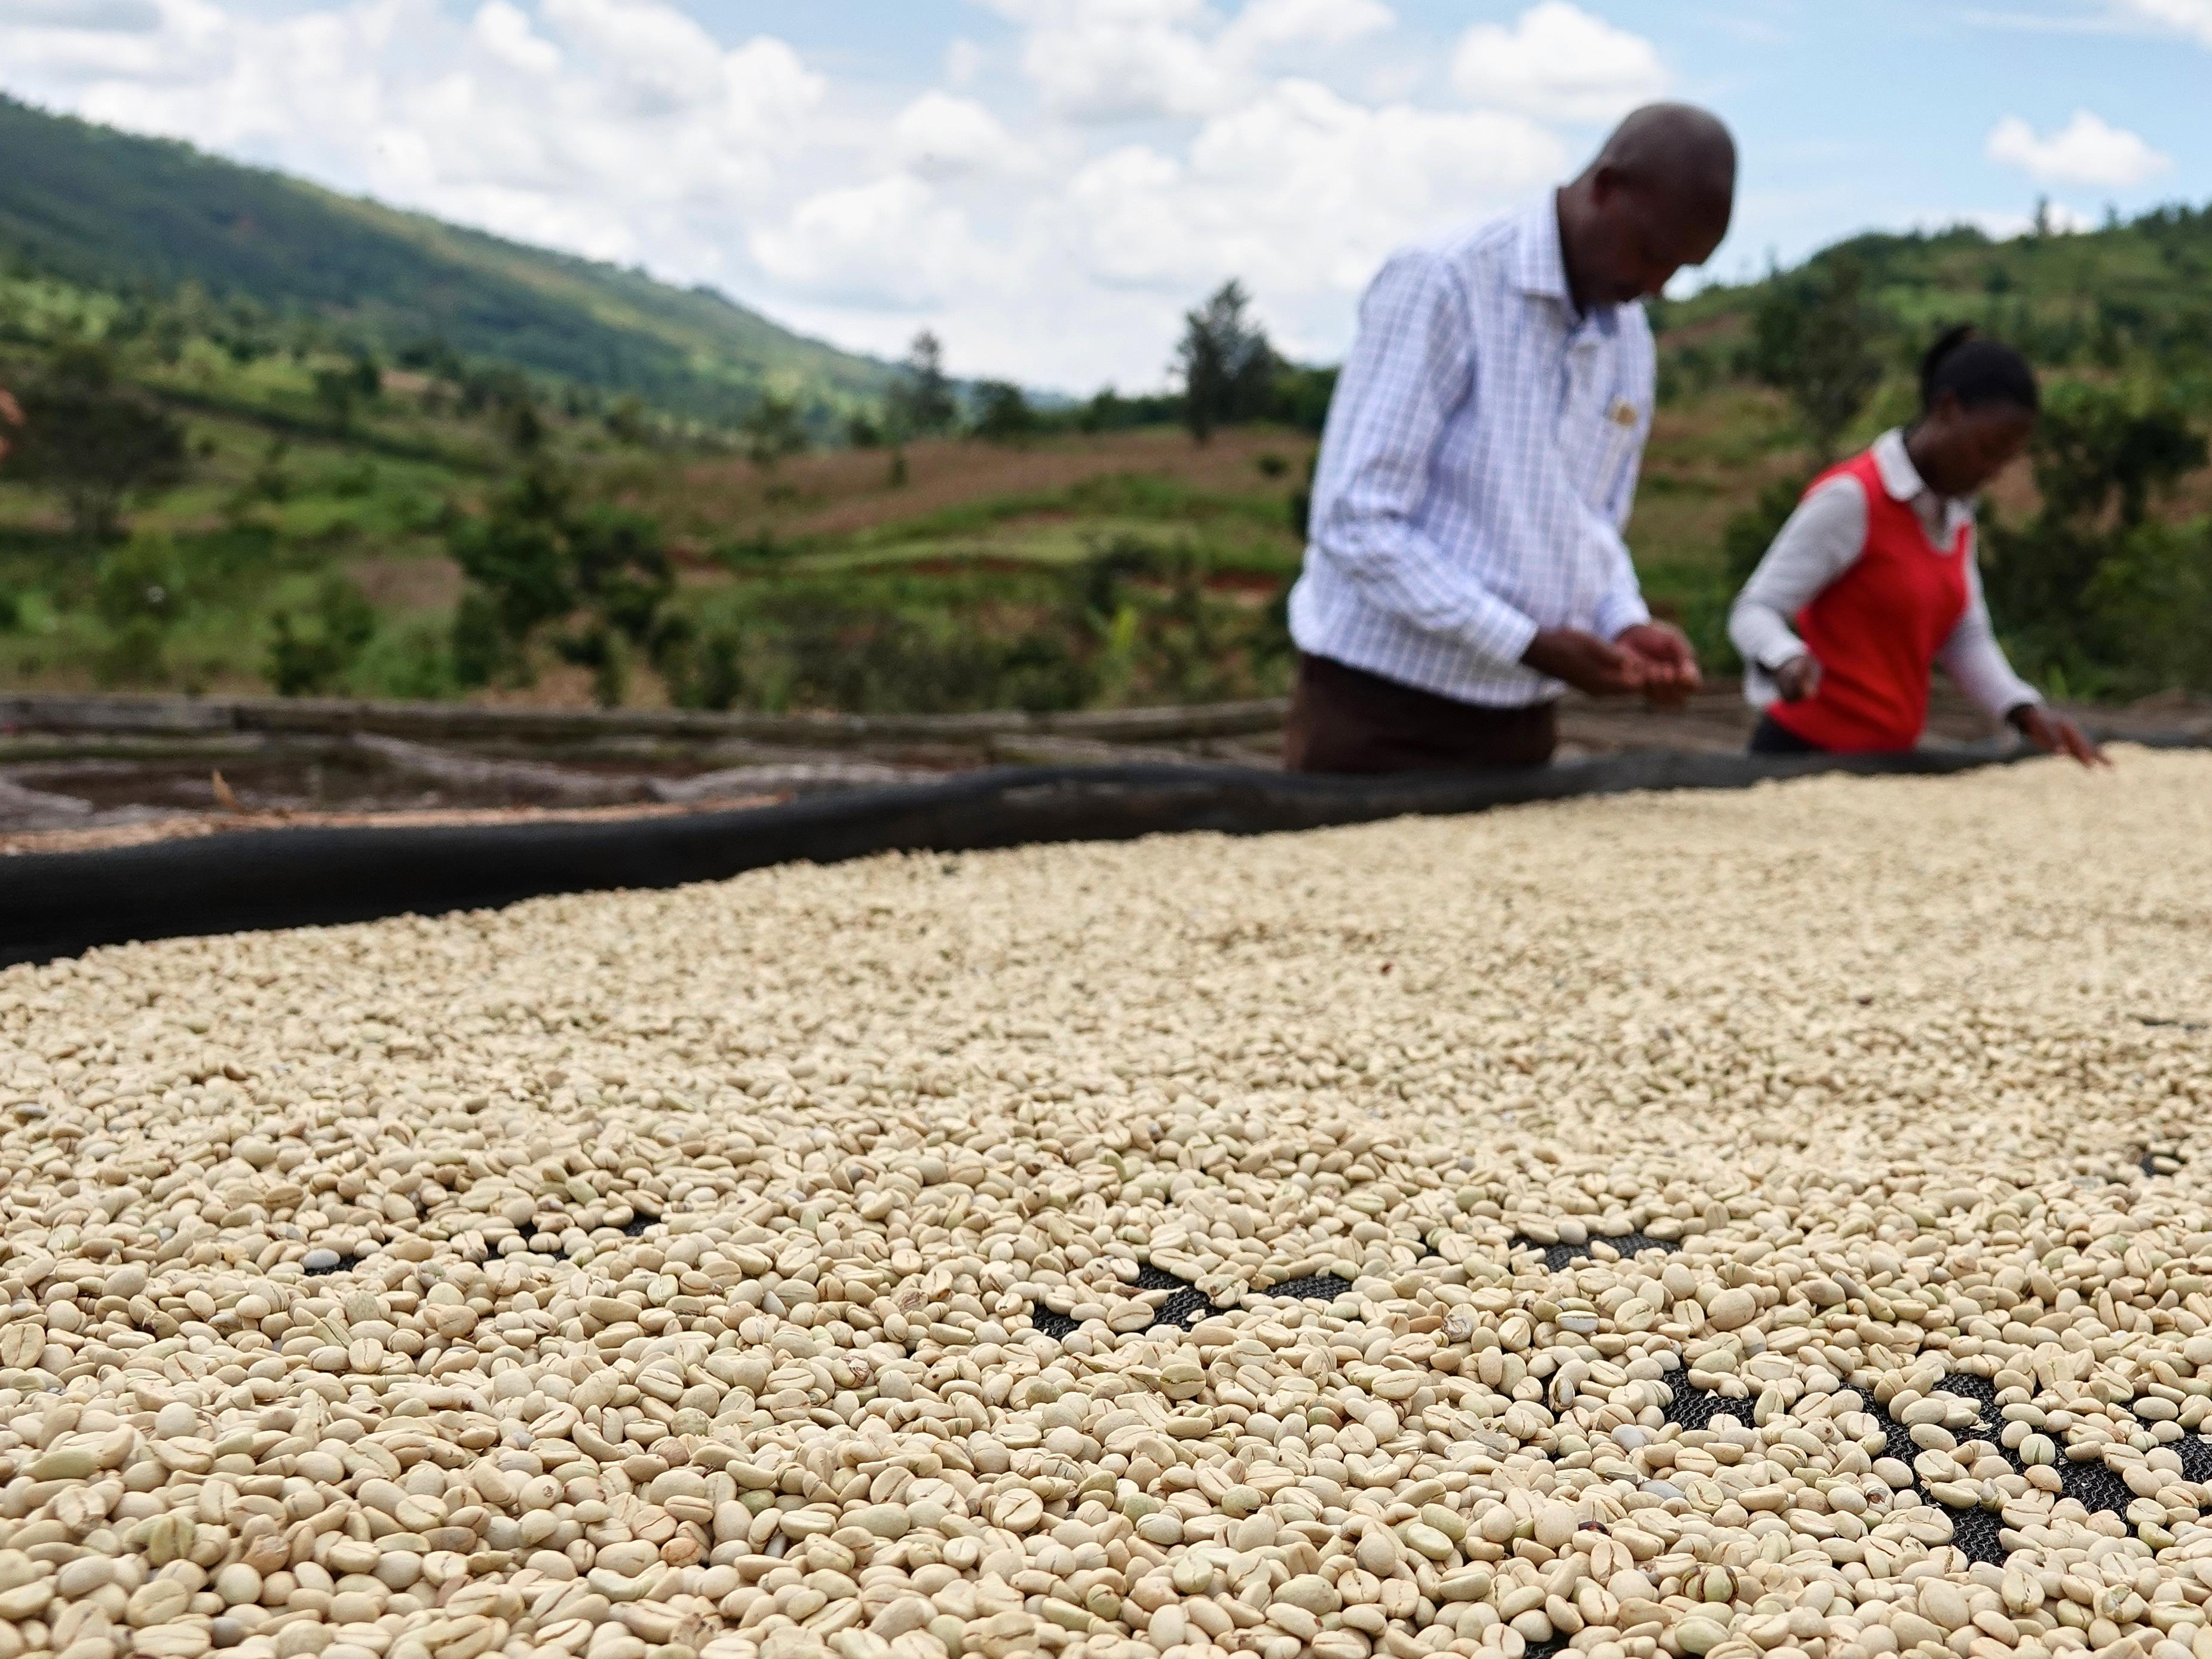 Deux personnes font le tri des grains de café.